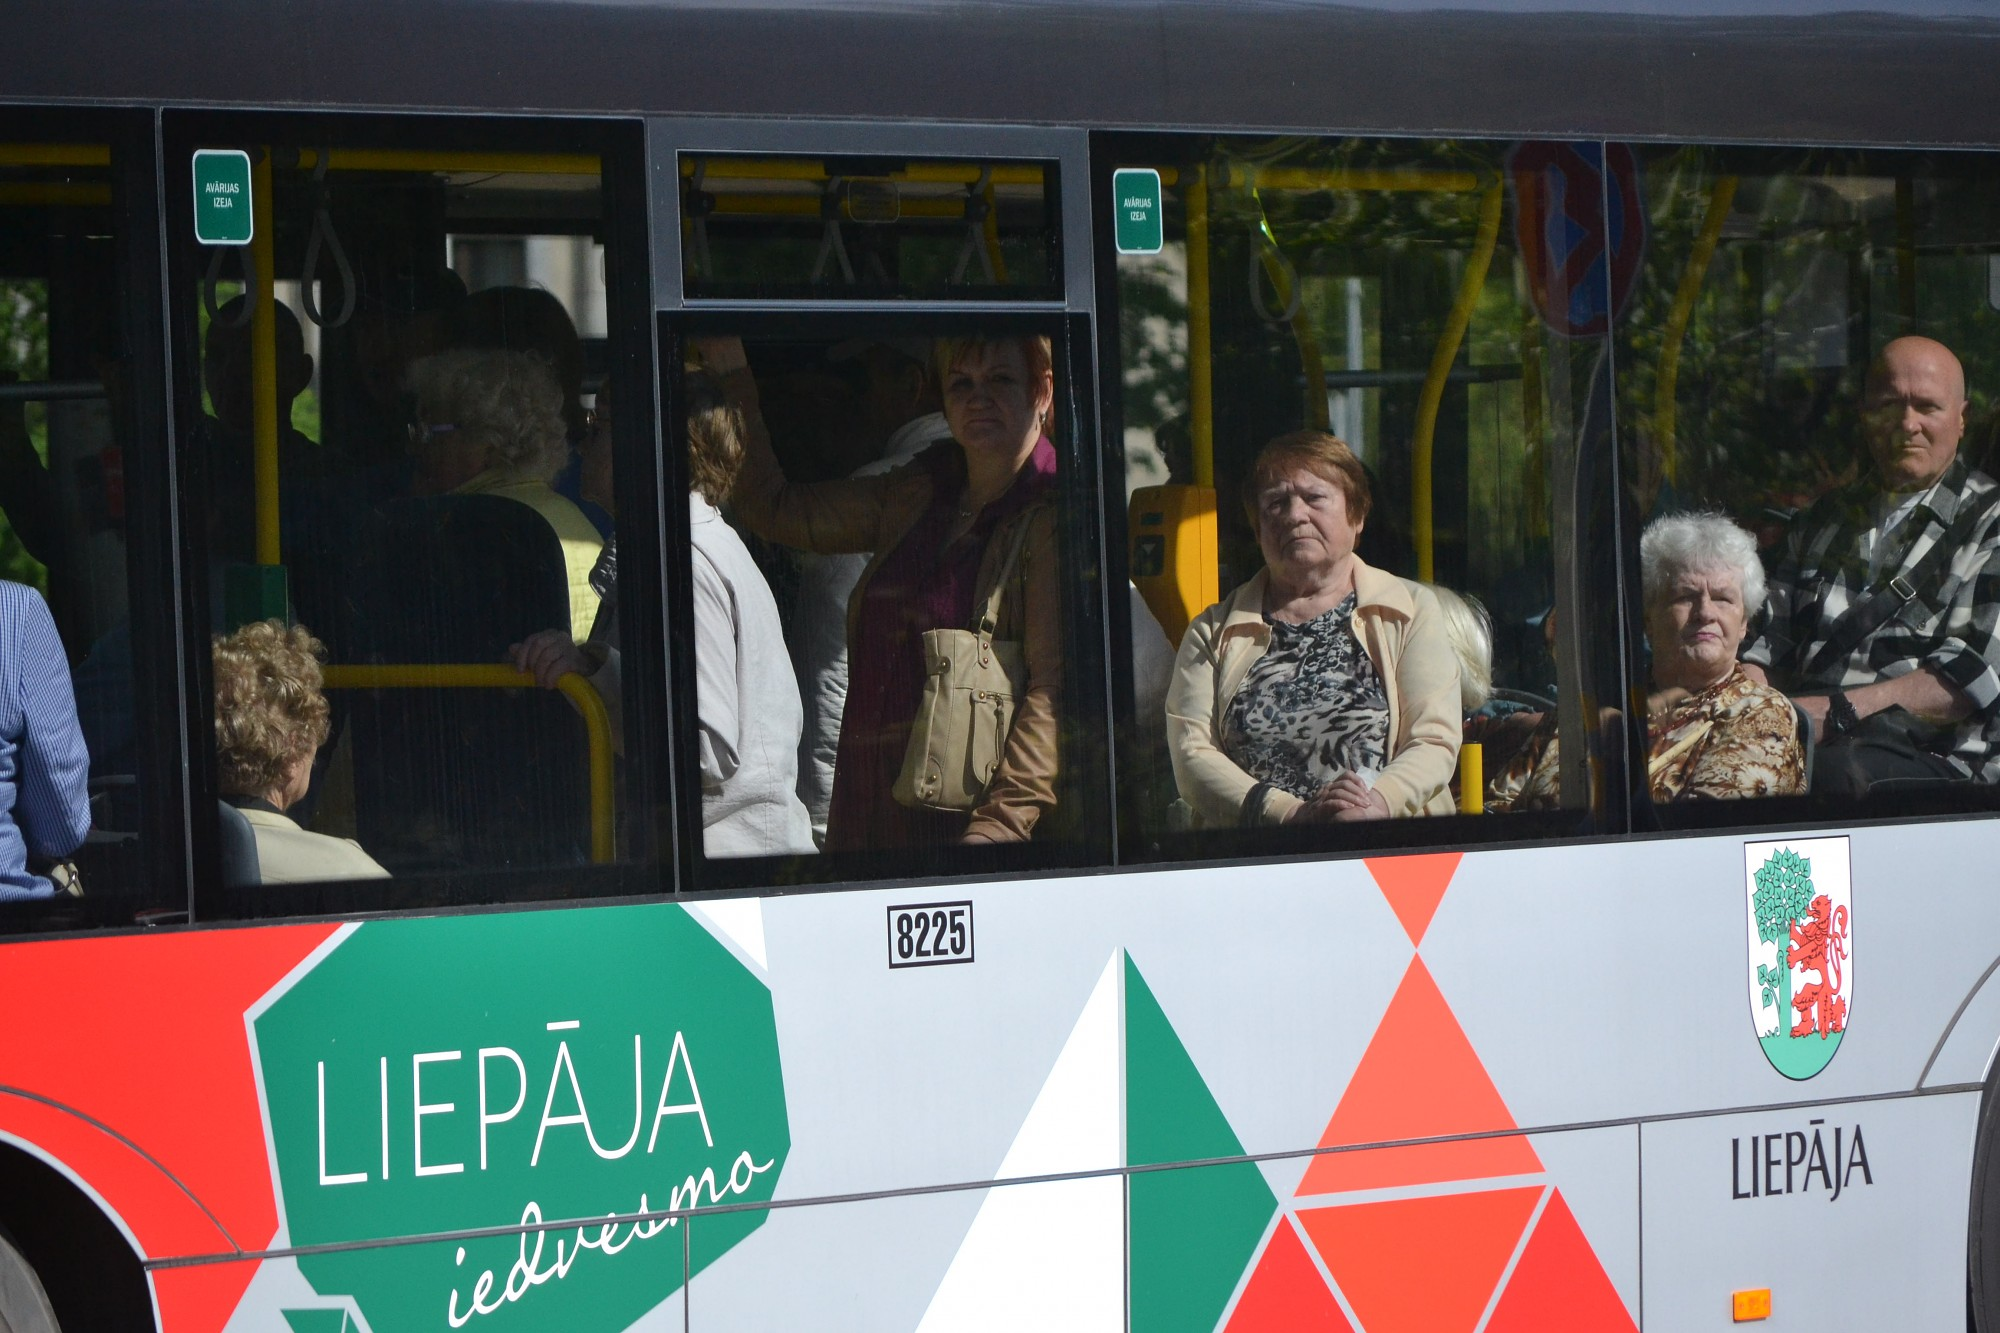 На ул.Райня столкнулись автобус и легковая автомашина